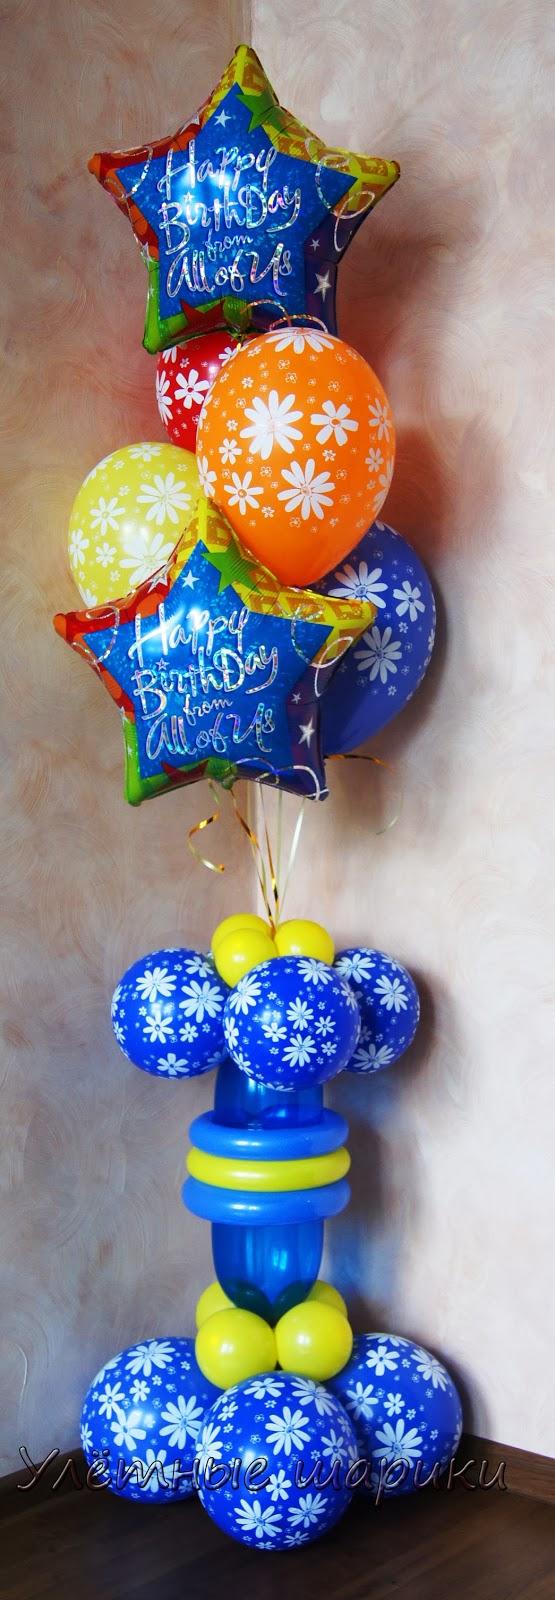 букет с звездами из воздушных шаров на день рождения